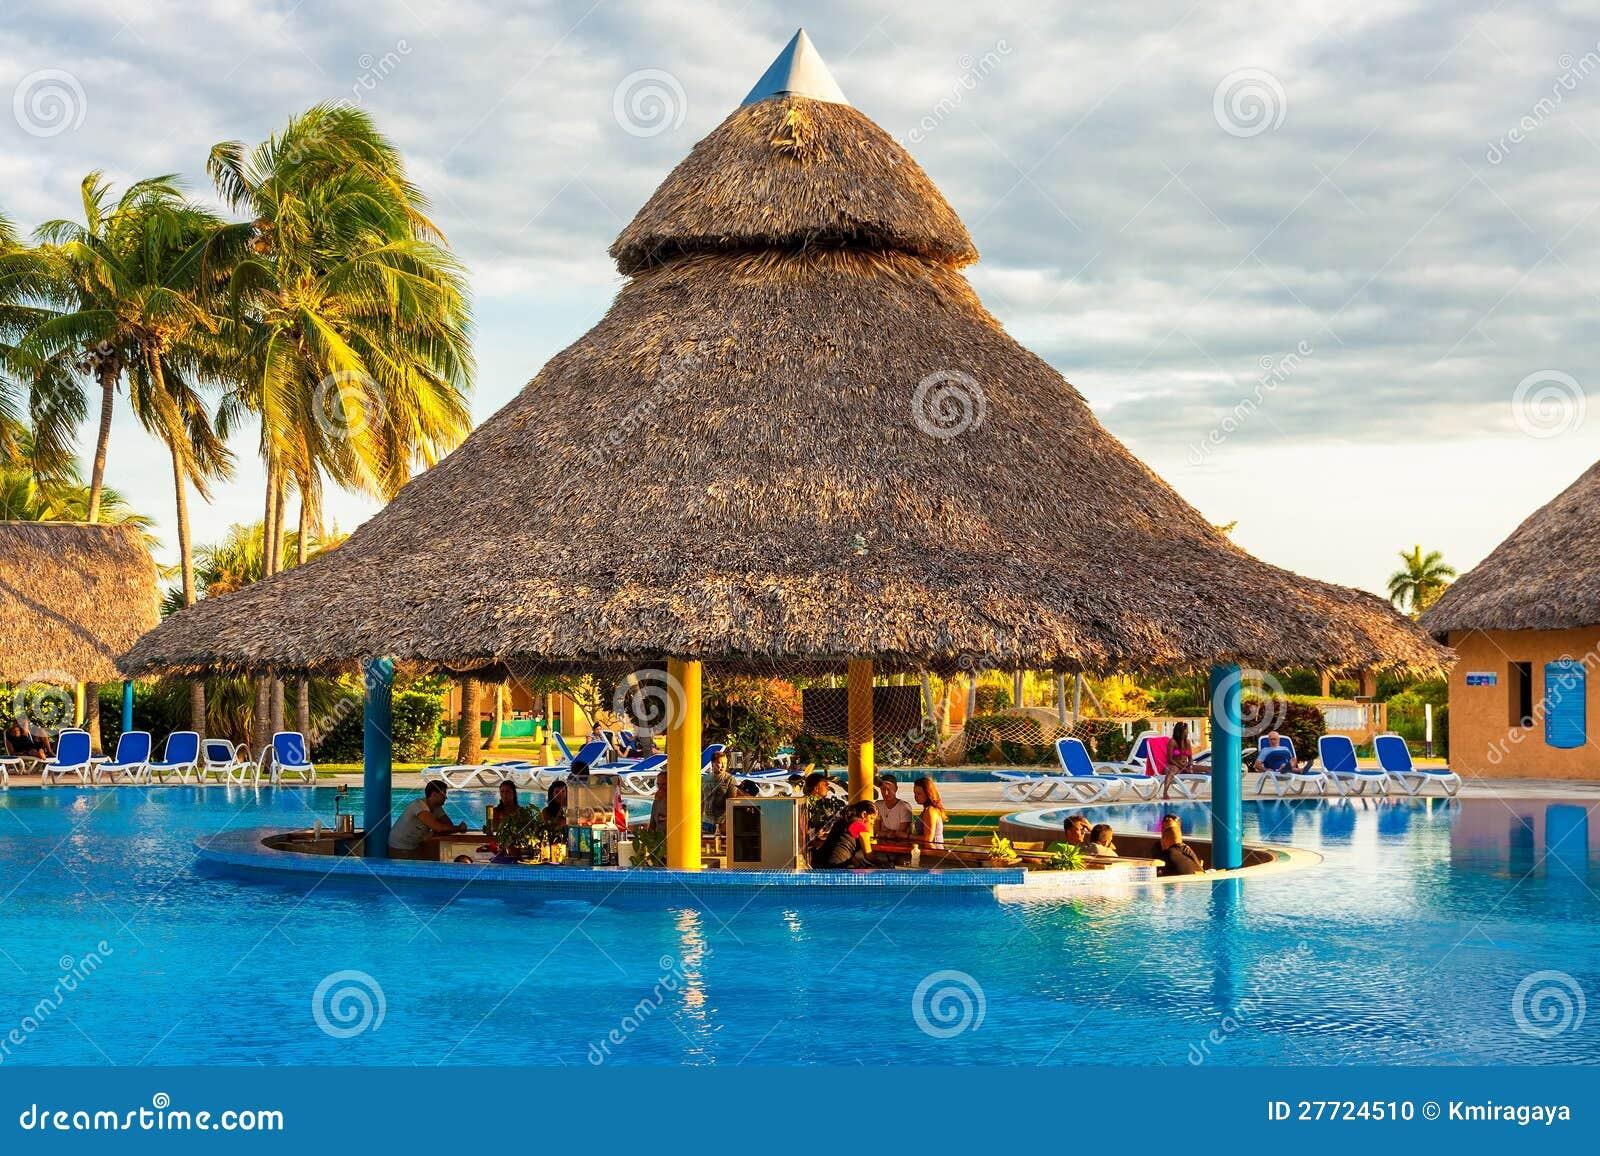 Drau en pool in einem hotel in varadero kuba for Design hotel kuba